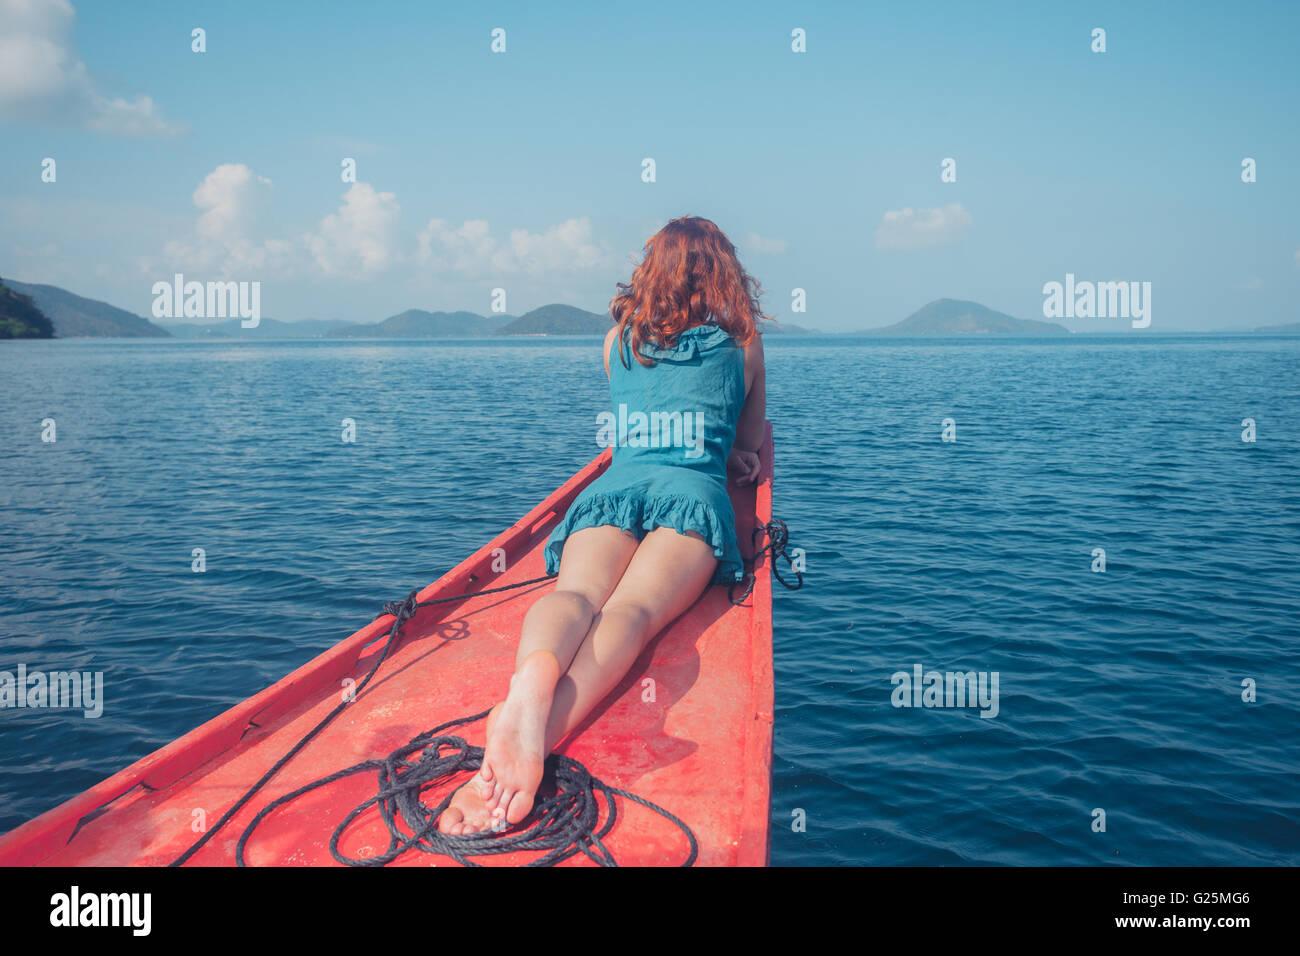 Une jeune femme est en train de vous détendre sur la proue d'un petit bateau dans un climat tropical Photo Stock